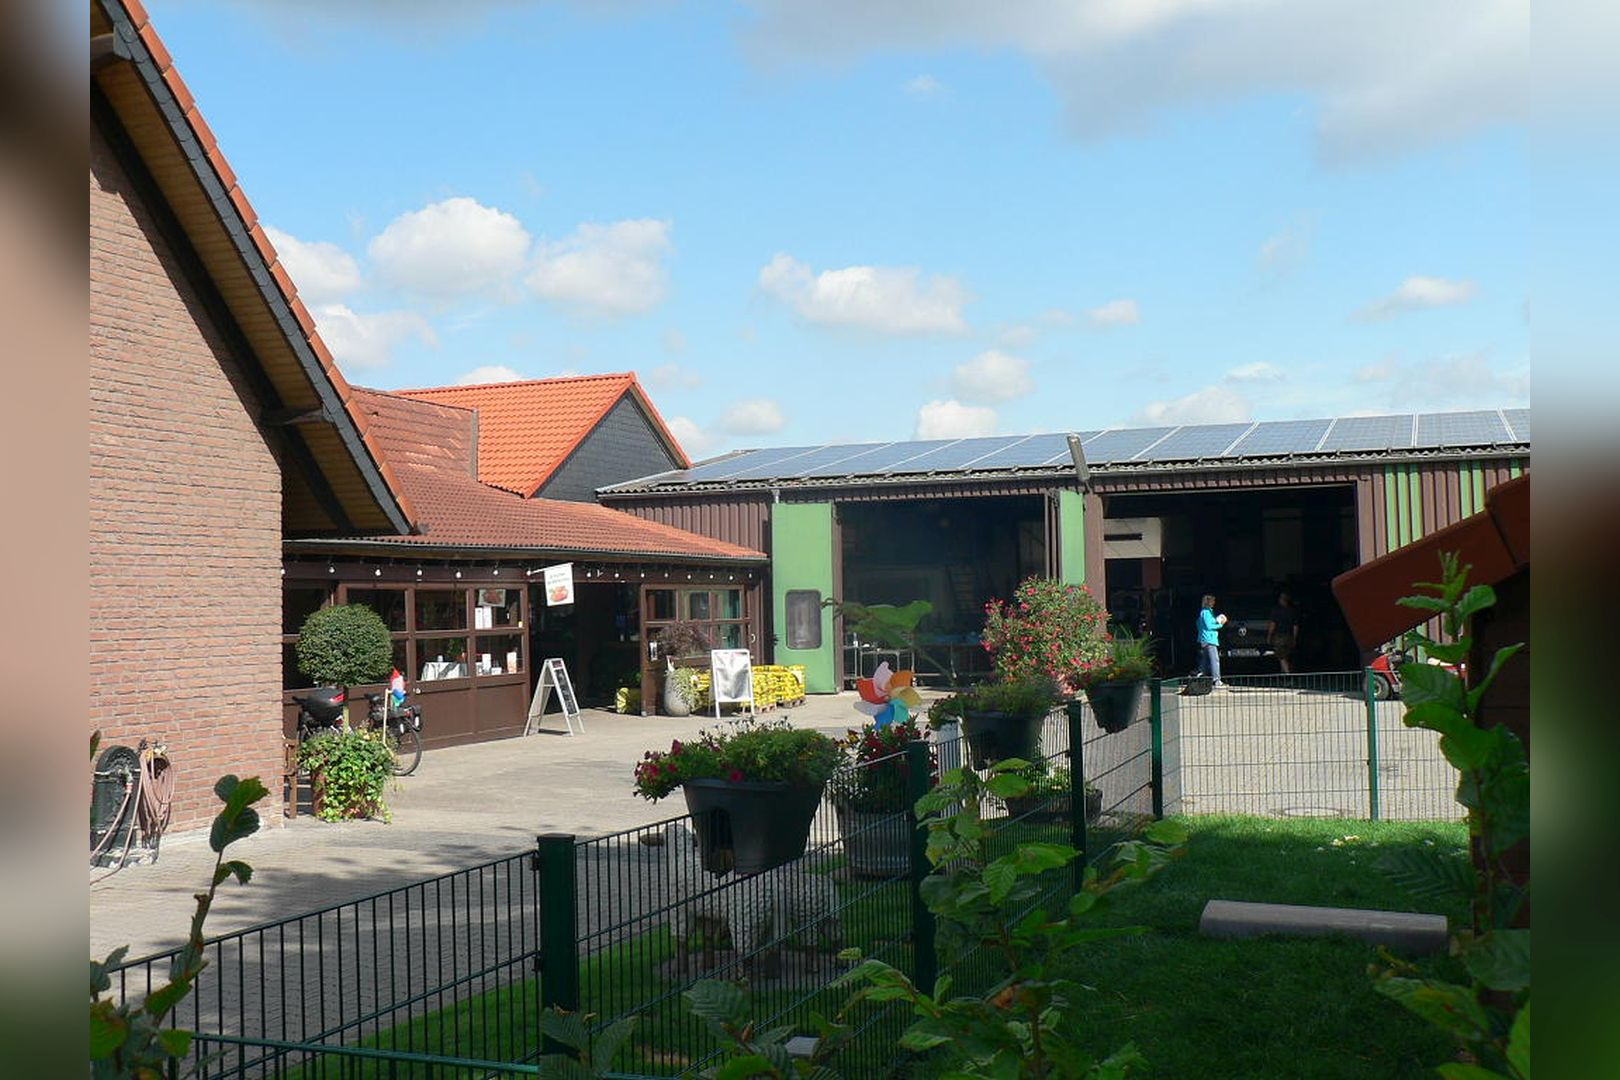 Immobilie Nr.BÖ-000 - Energieeffizientes Neubauquartier mit 20 Wohneinheiten und TG - Bild 3.jpg